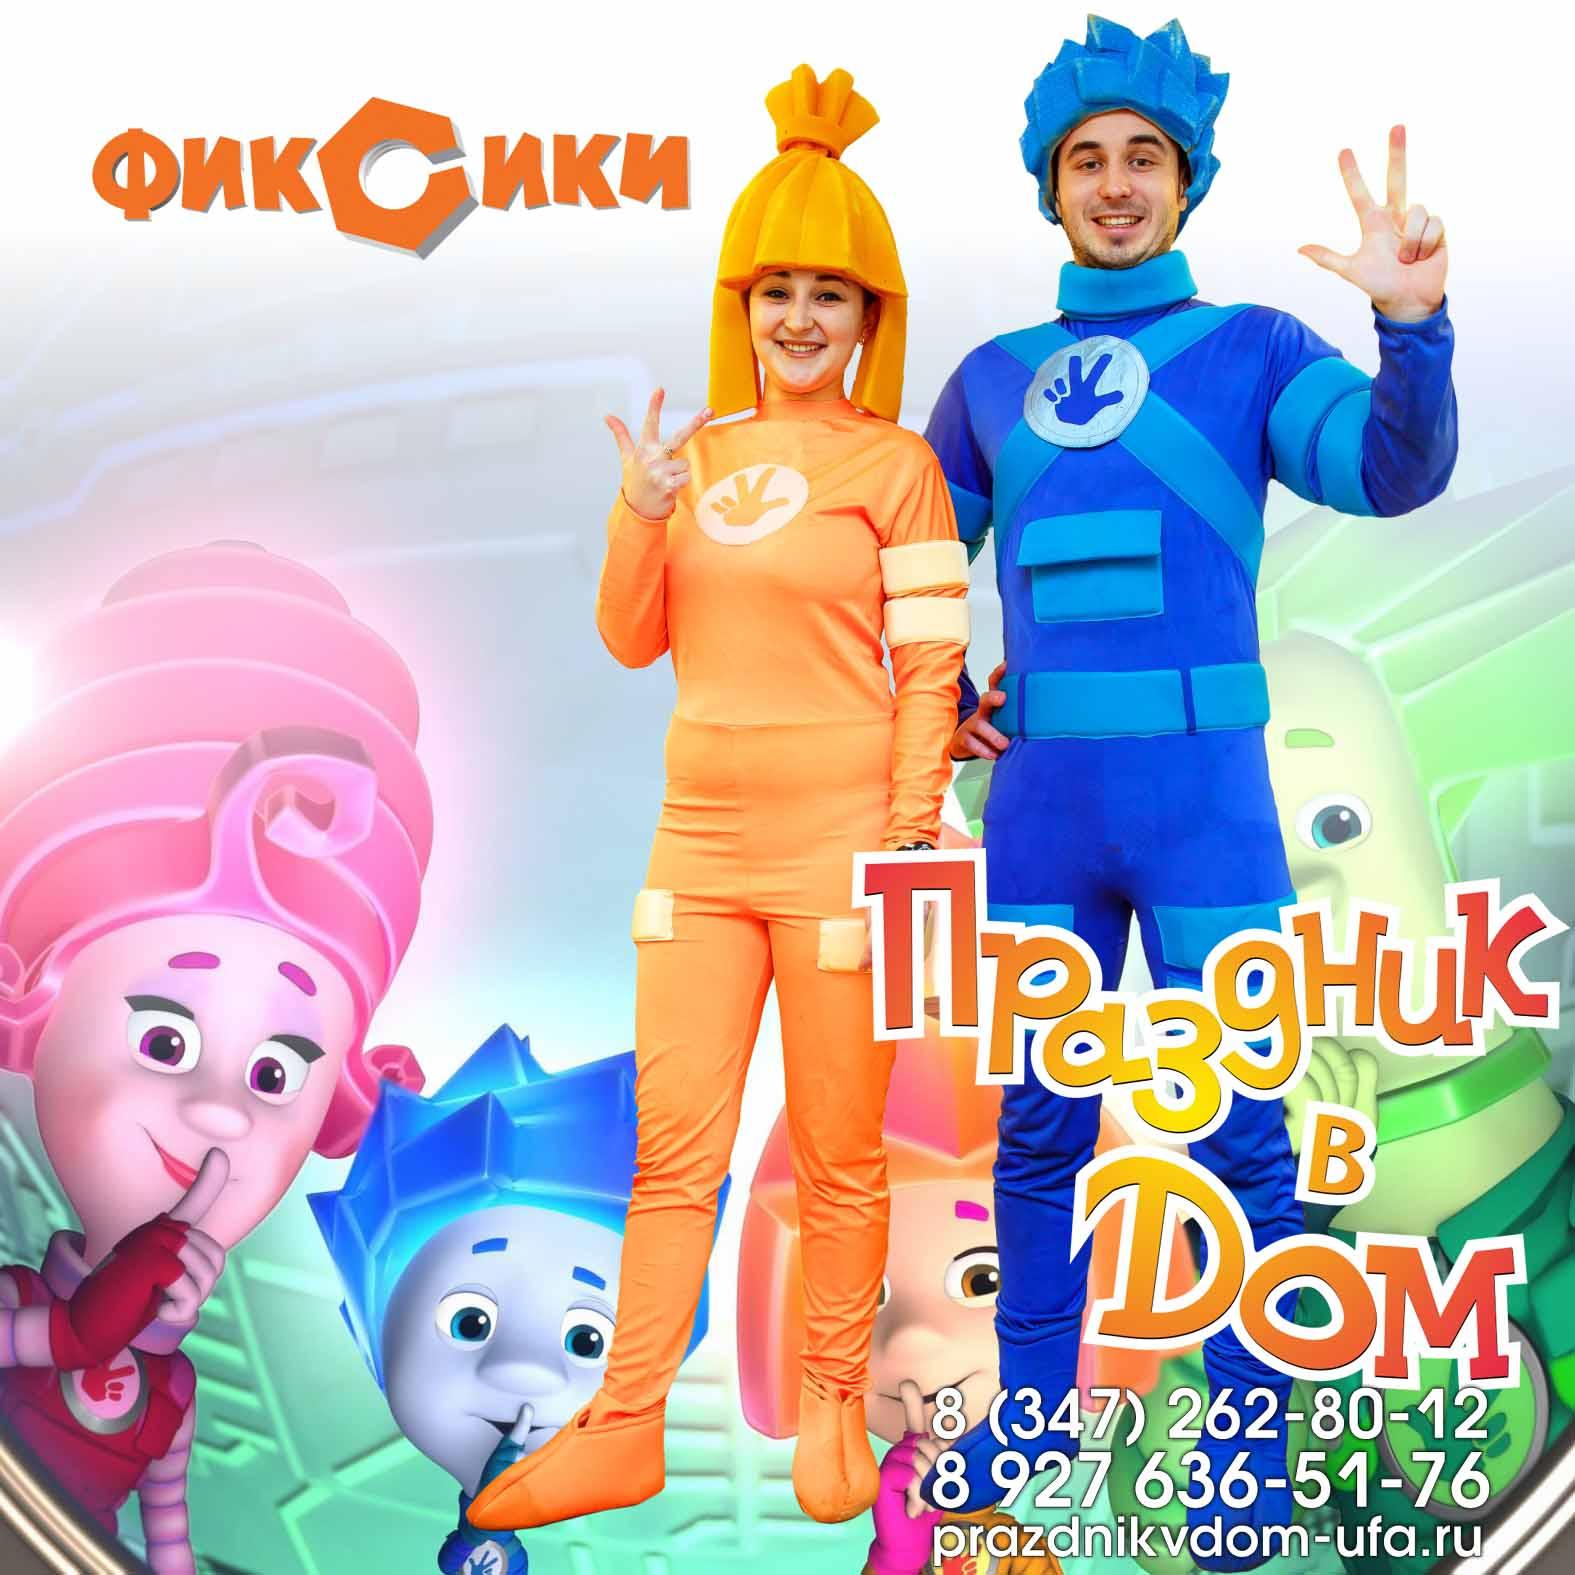 Аниматоры Фиксики Нолик и Симка на день рождения